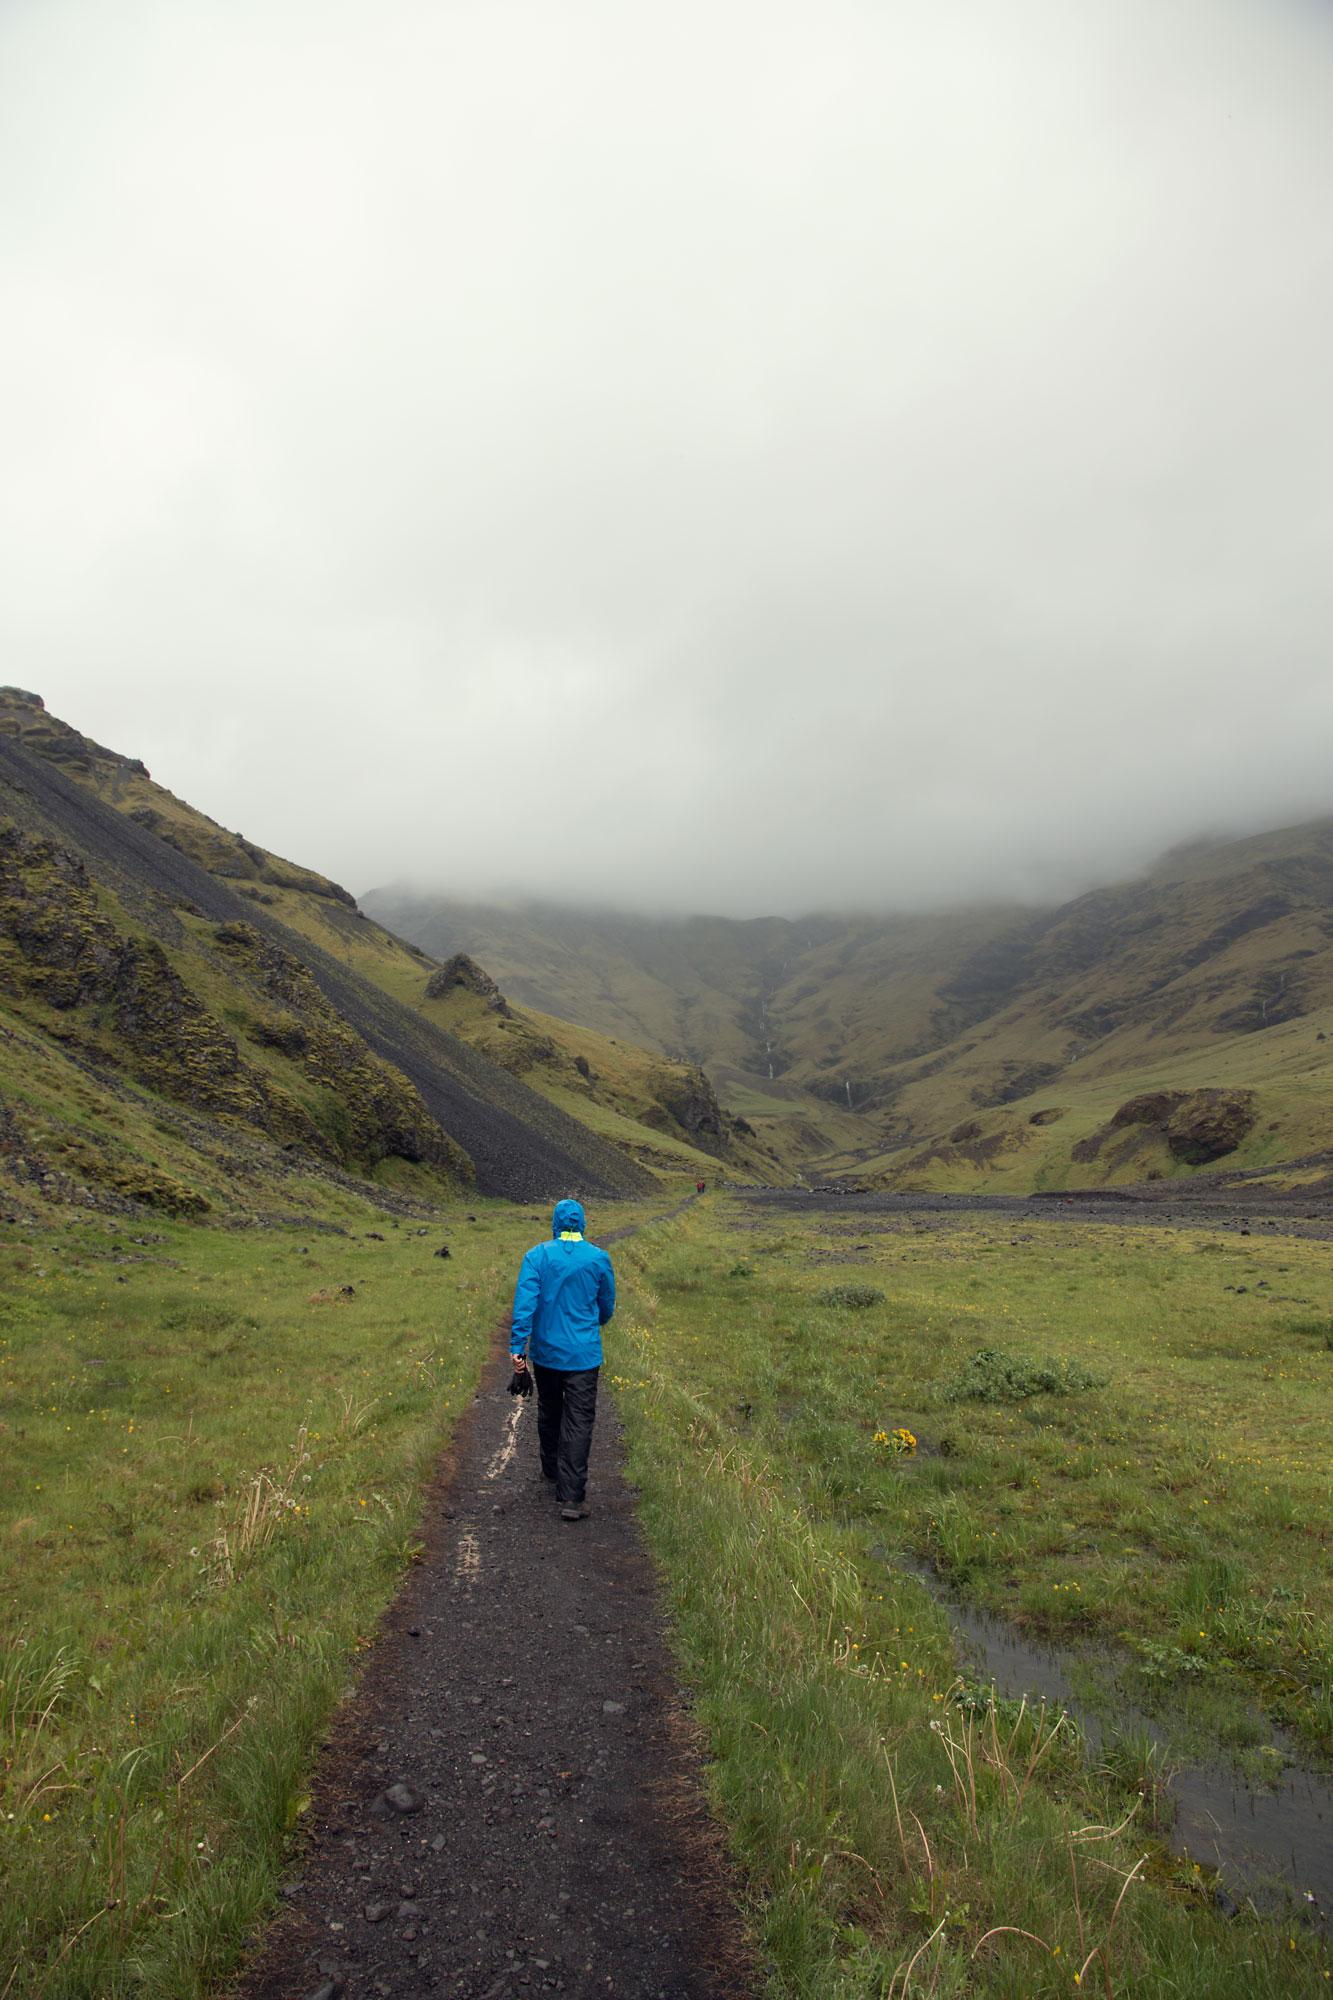 The walk to Seljavallalaug Pool